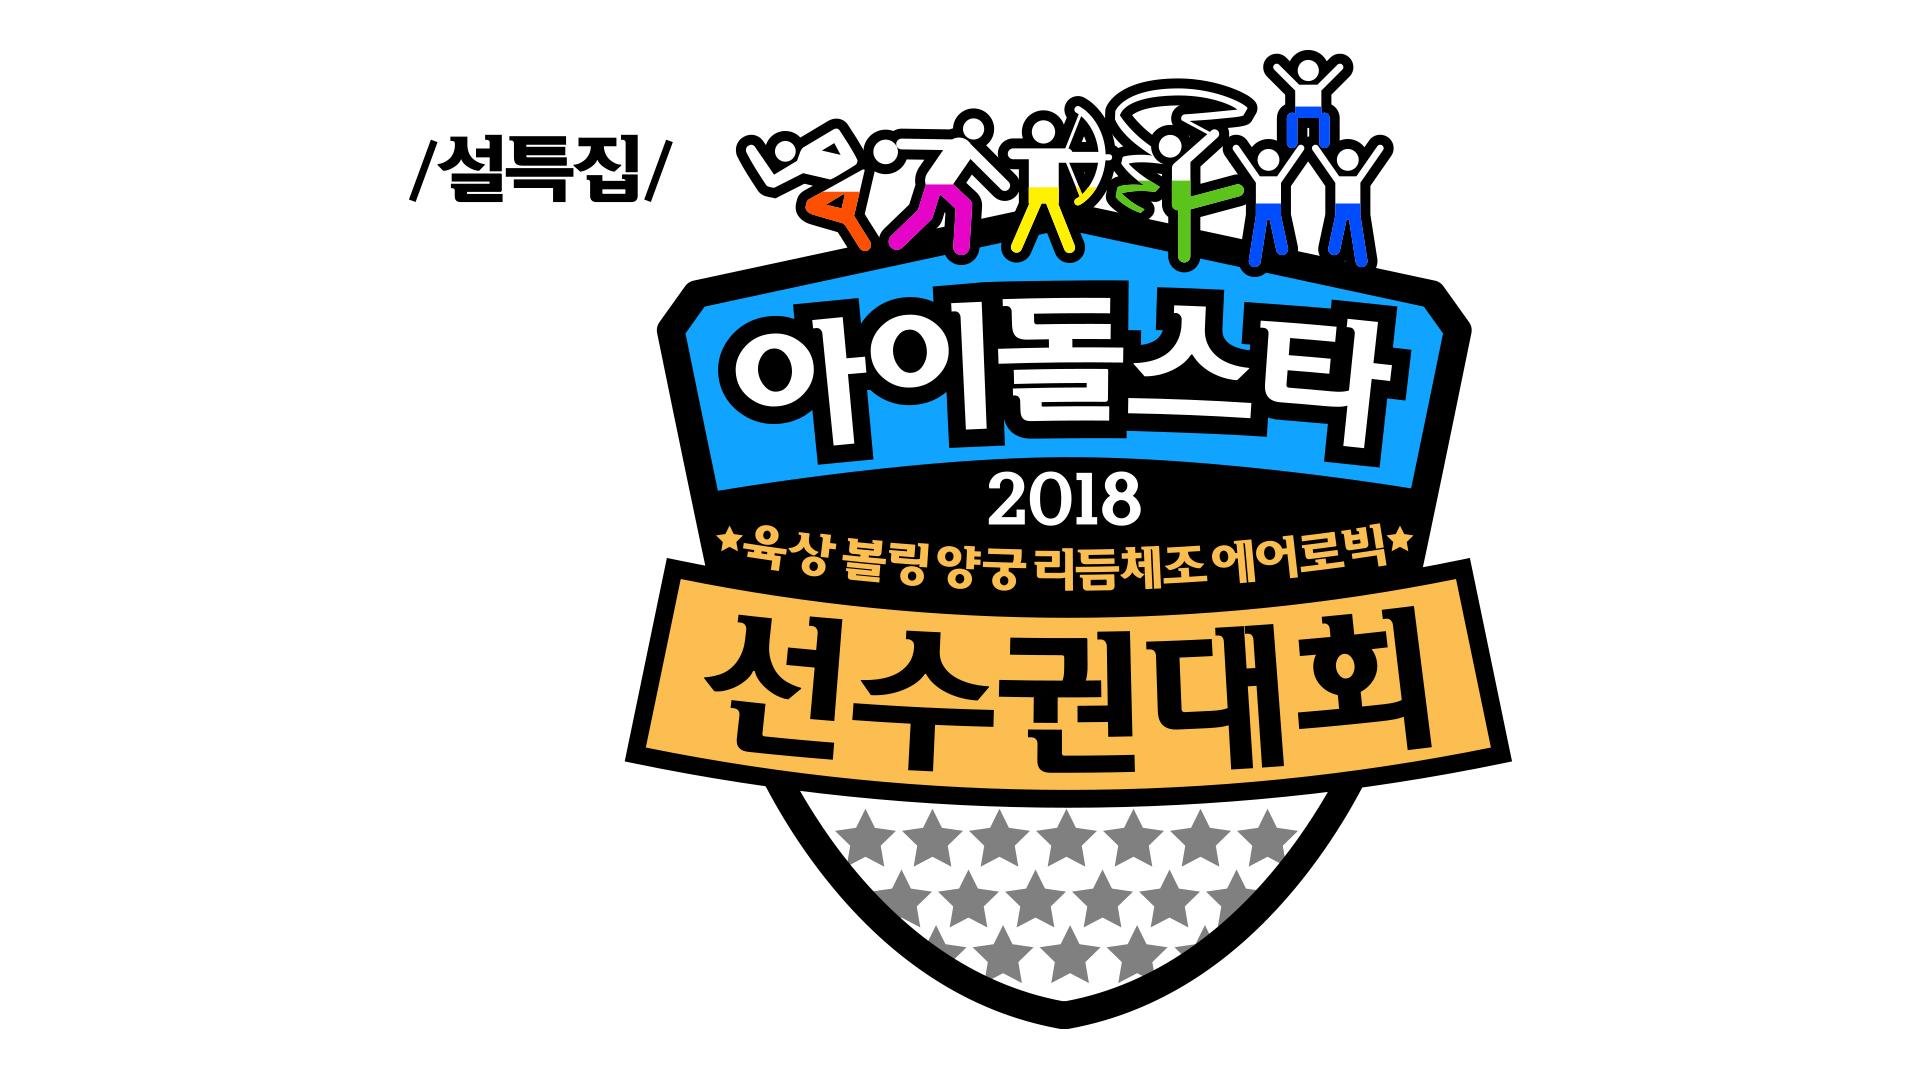 """[공식] <설특집 2018 아육대> 개최 확정! """"아이돌 안전 최우선으로"""""""